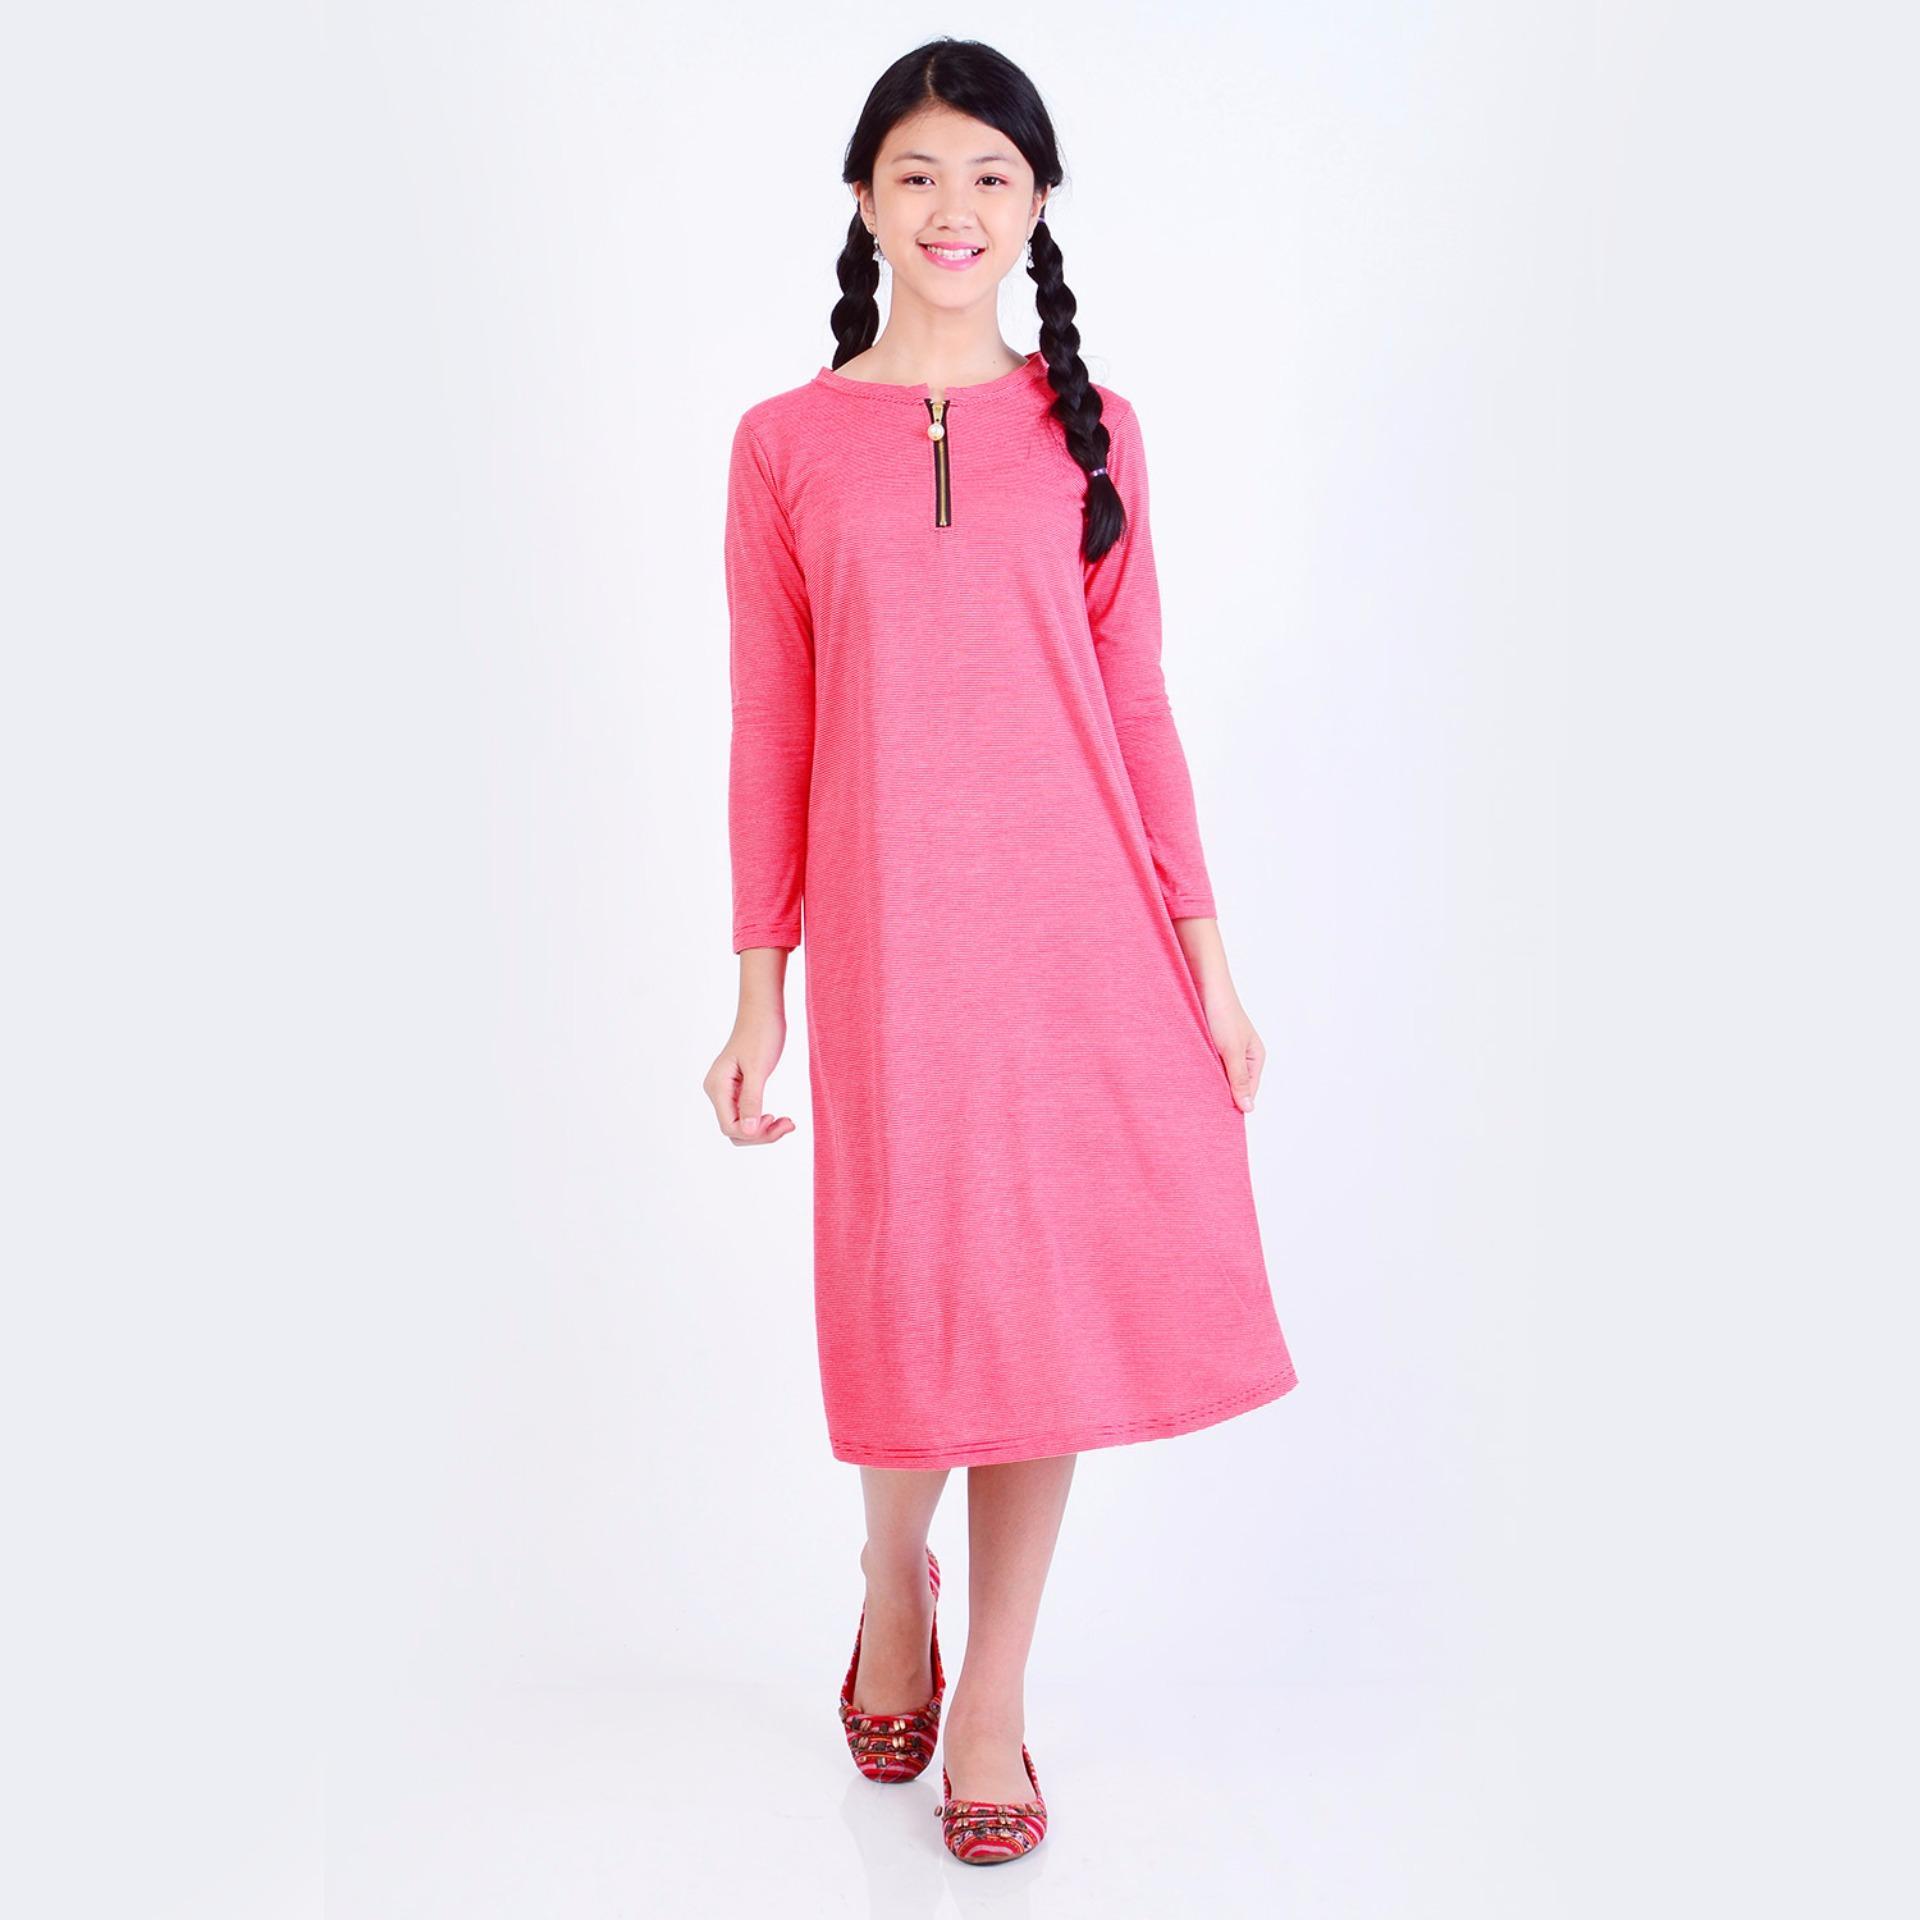 Jfashion Dress Anak variasi seleting tangan Panjang - Aurelteen Ungu